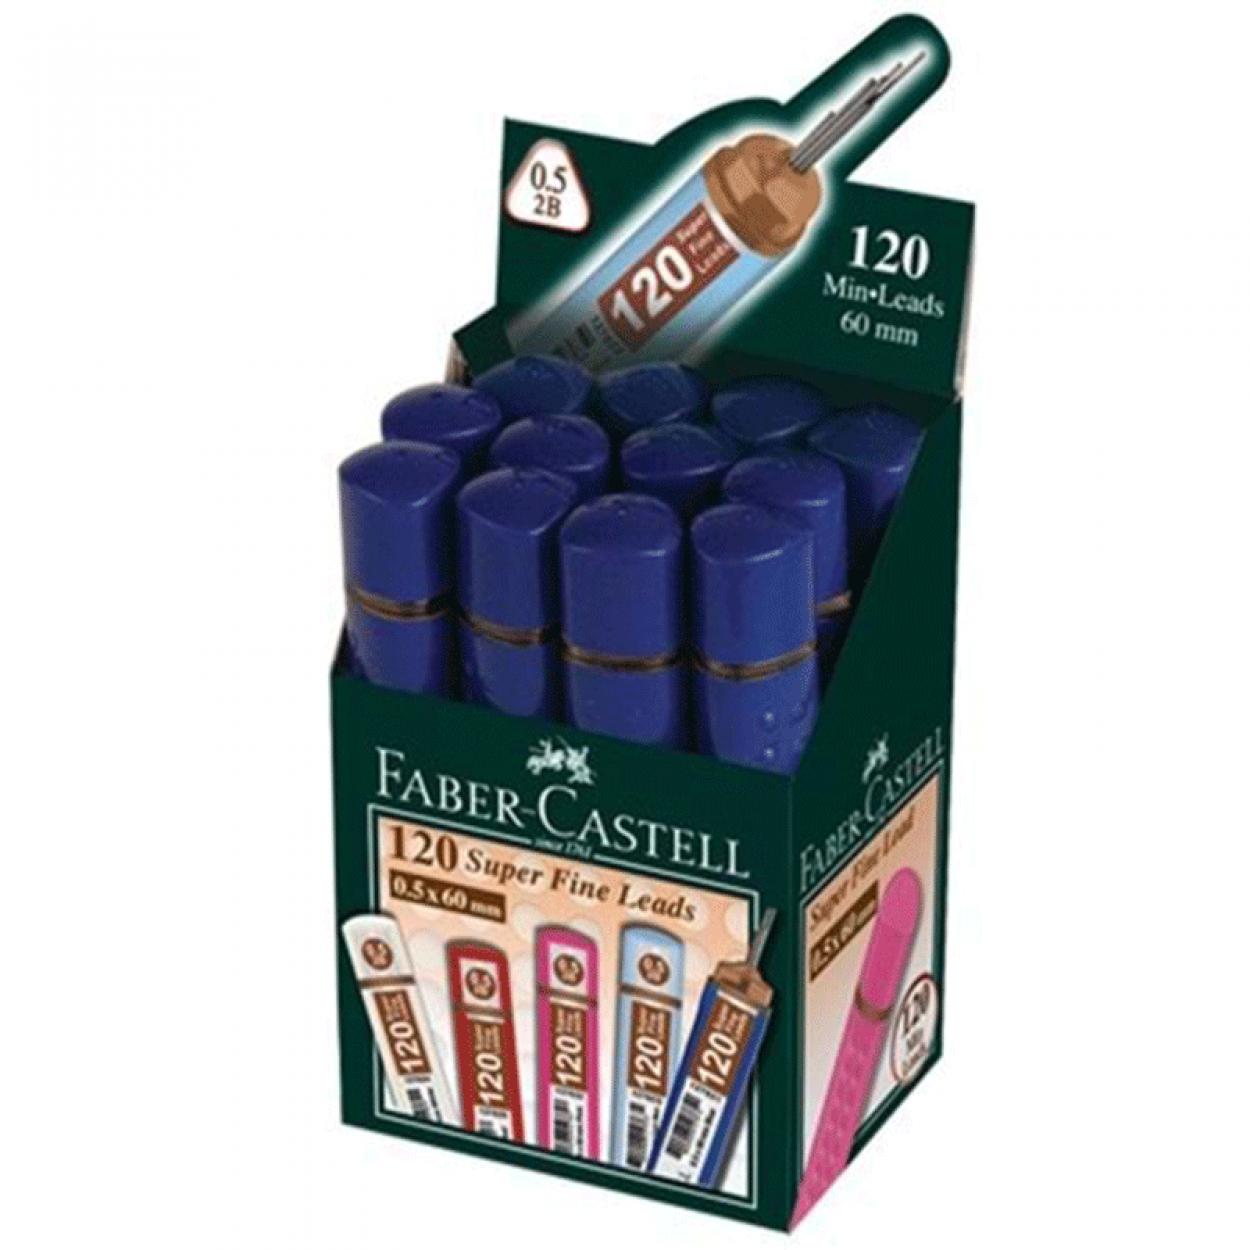 Faber Castell Super Fine Lead 2B 120'li 60mm 0.5 Uç 12 Li Paket